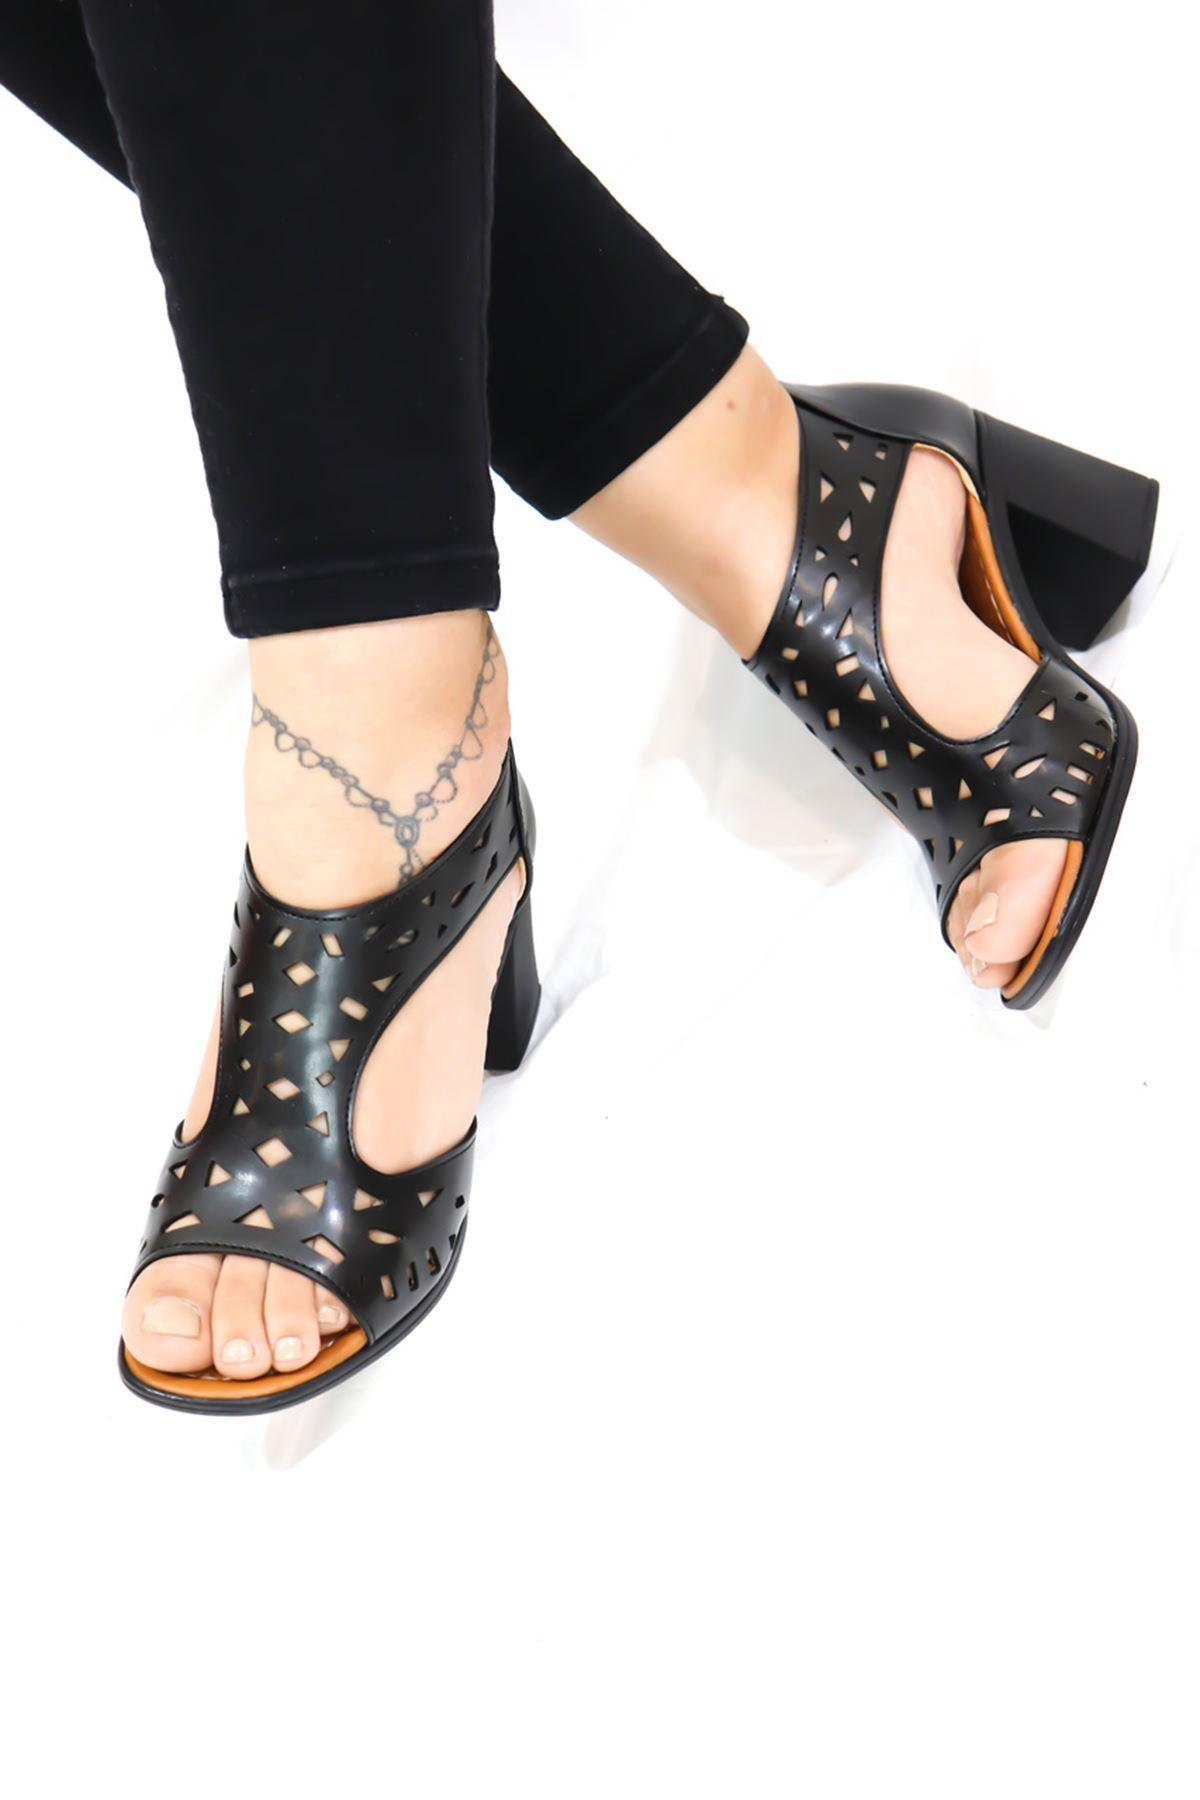 Feles - Siyah Kafes Tasarım Kadın Topuklu Ayakkabı